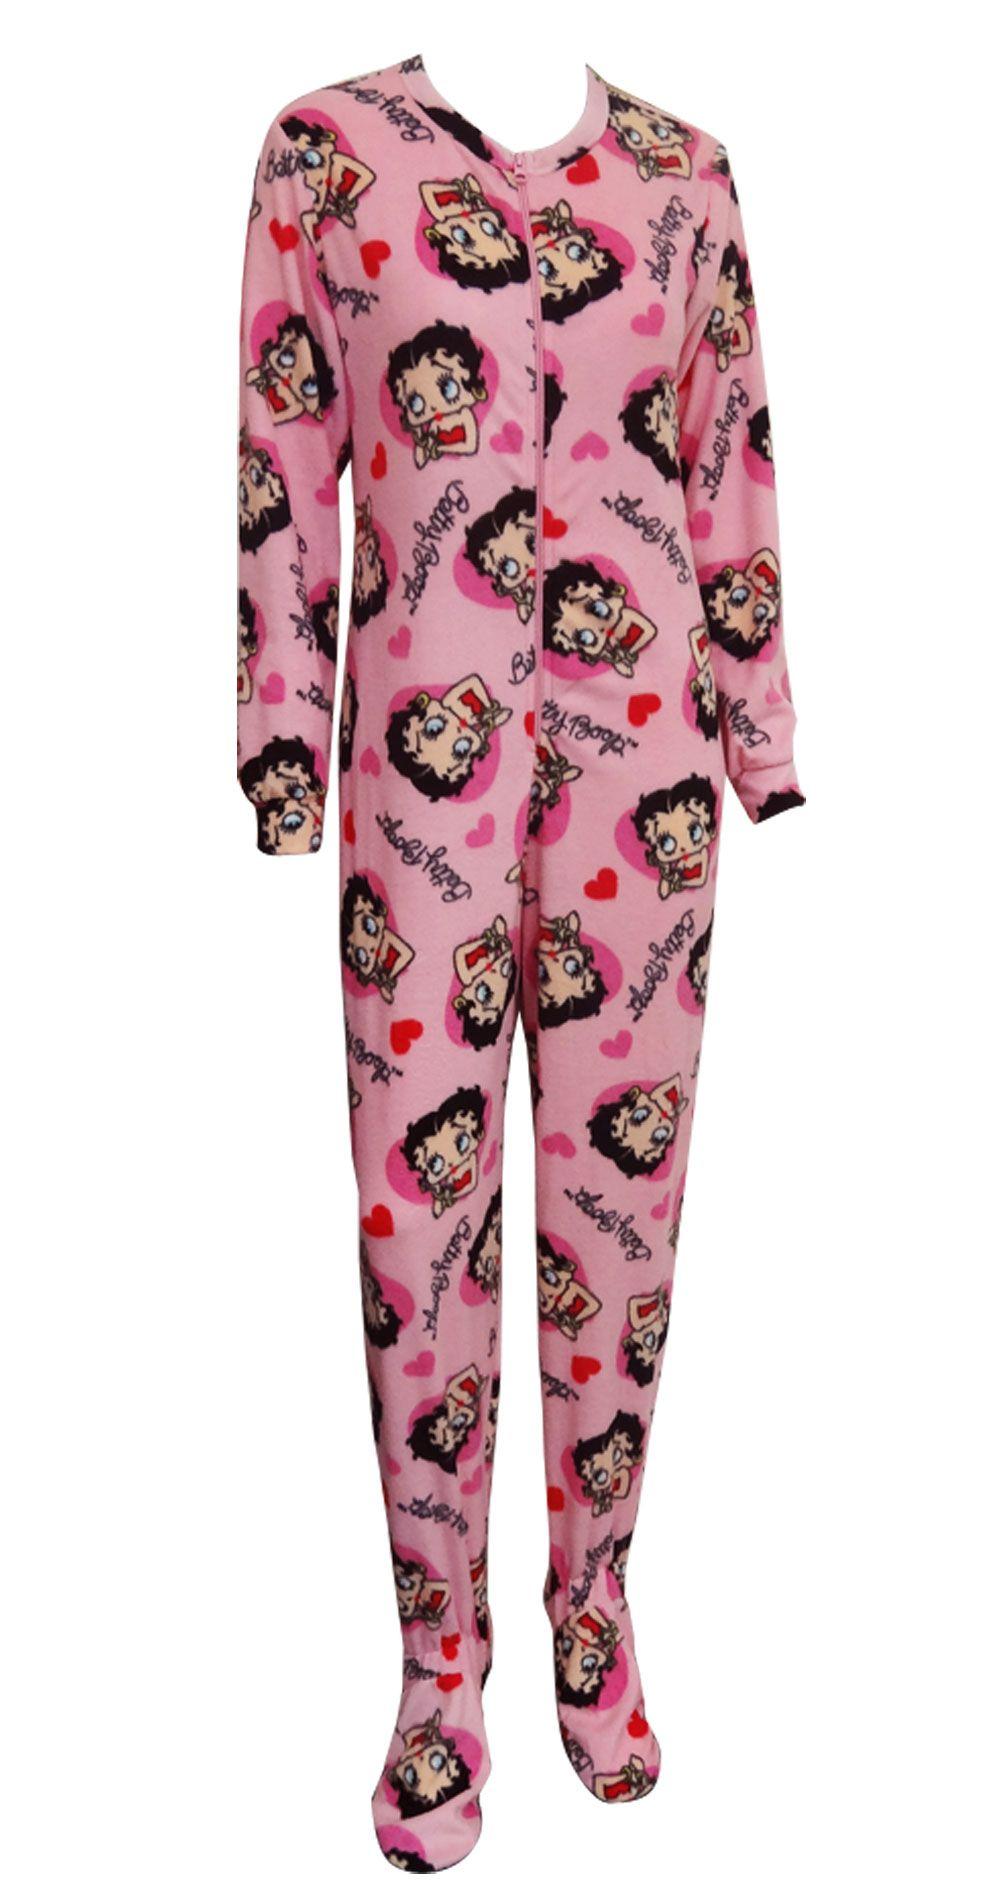 3093f0dd8 3 betty boop onesie i want it is soooooooooooooooooo ...